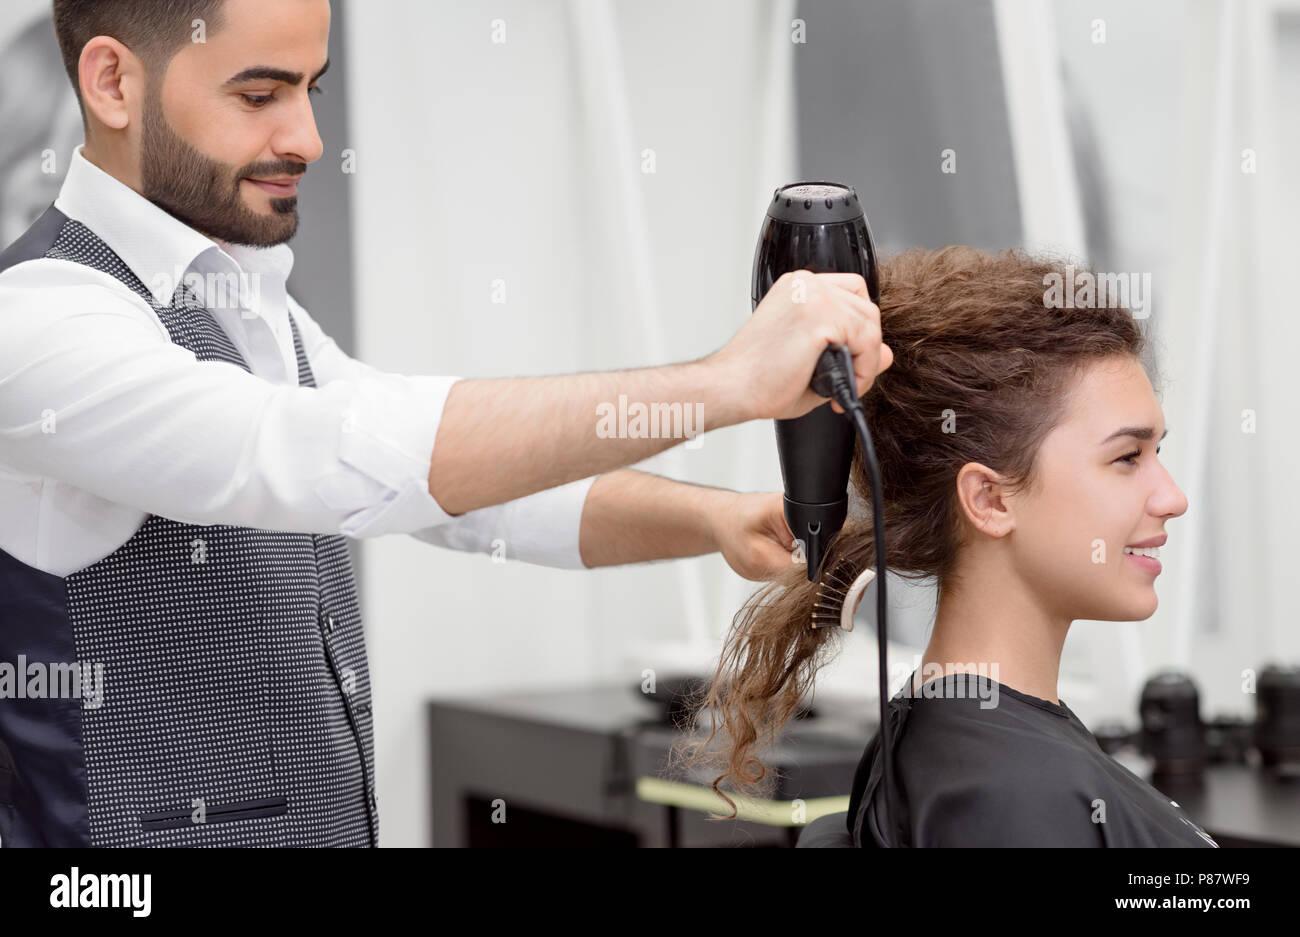 Seitenansicht des Arabischen hairstyler Trocknen lächelnd lockiges Haar der weiblichen Kunden. Unscharfe Reflexion in den großen Spiegel. Mit Hilfe von Pinsel und Fön. Wearin Stockbild